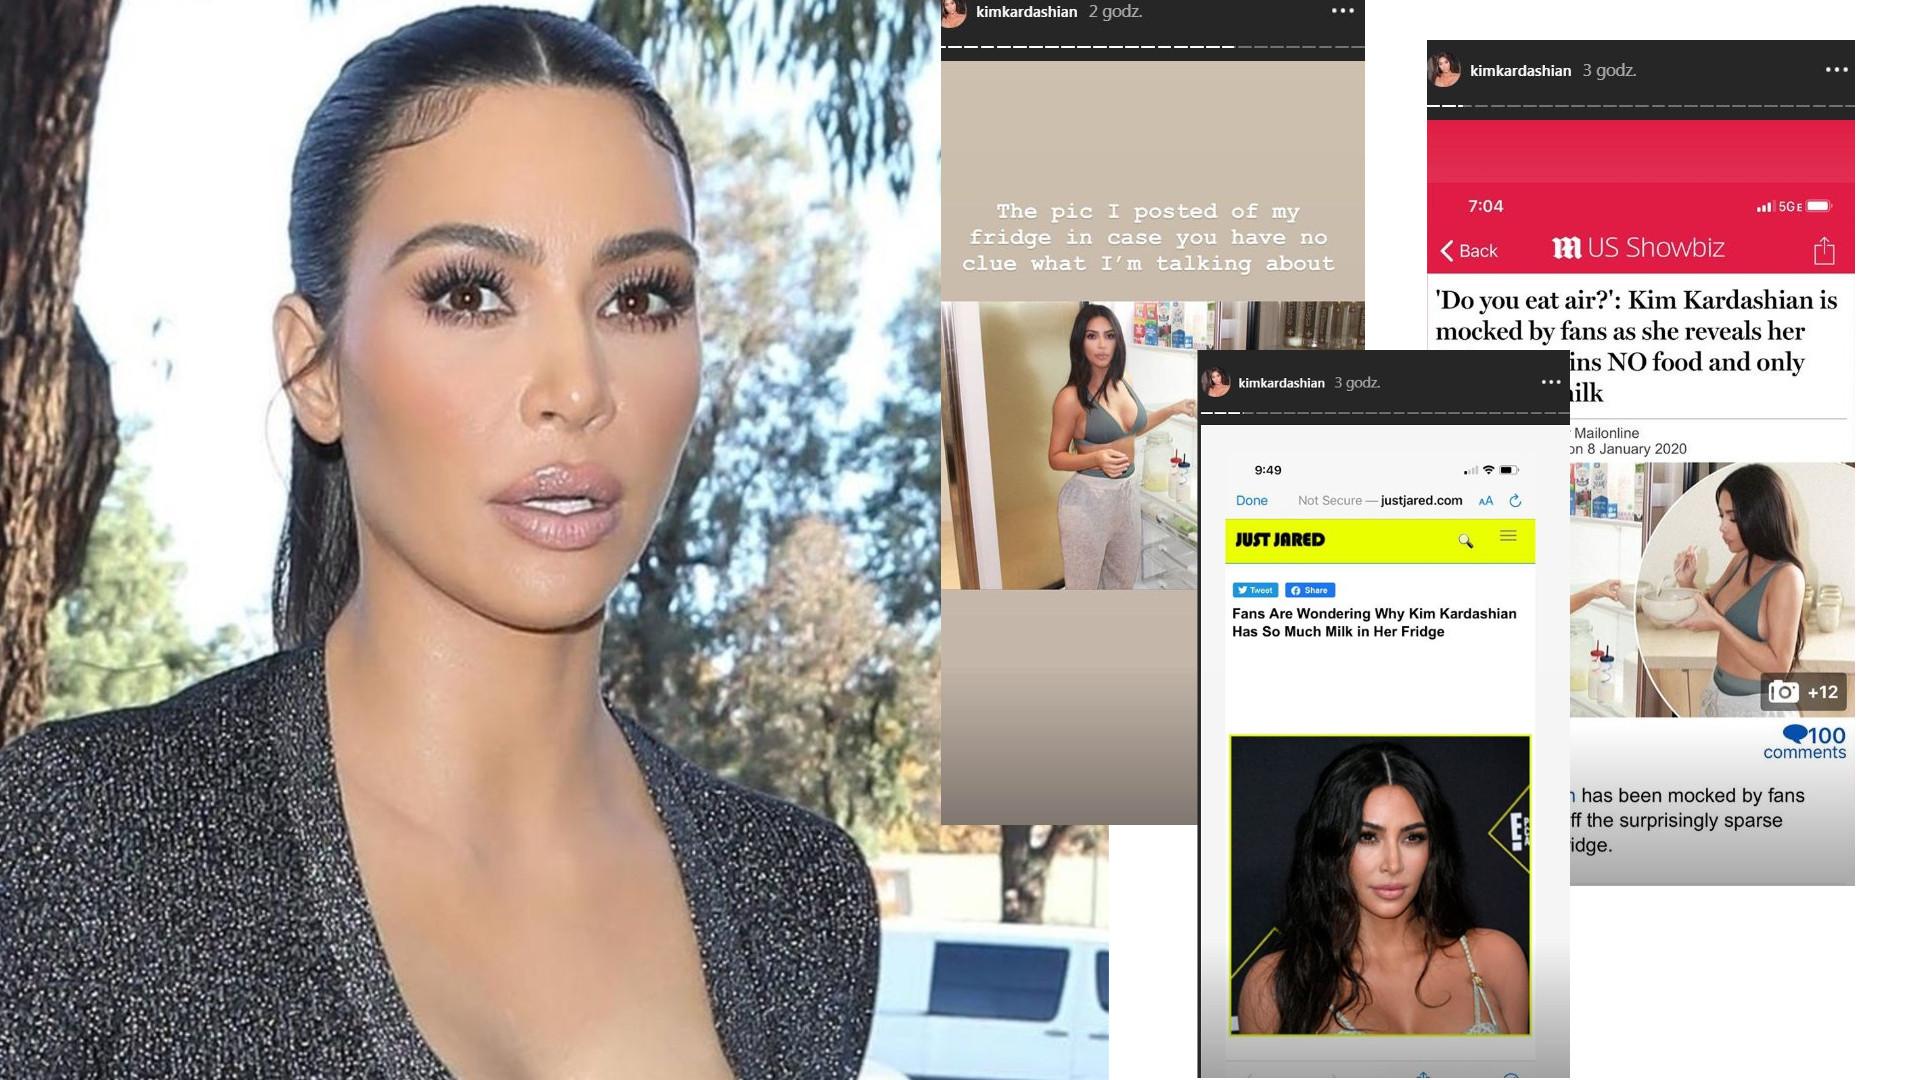 SPADNIESZ Z KRZESŁA, gdy zobaczysz, jak wyglądają LODÓWKI i SPIŻARNIE Kim Kardashian